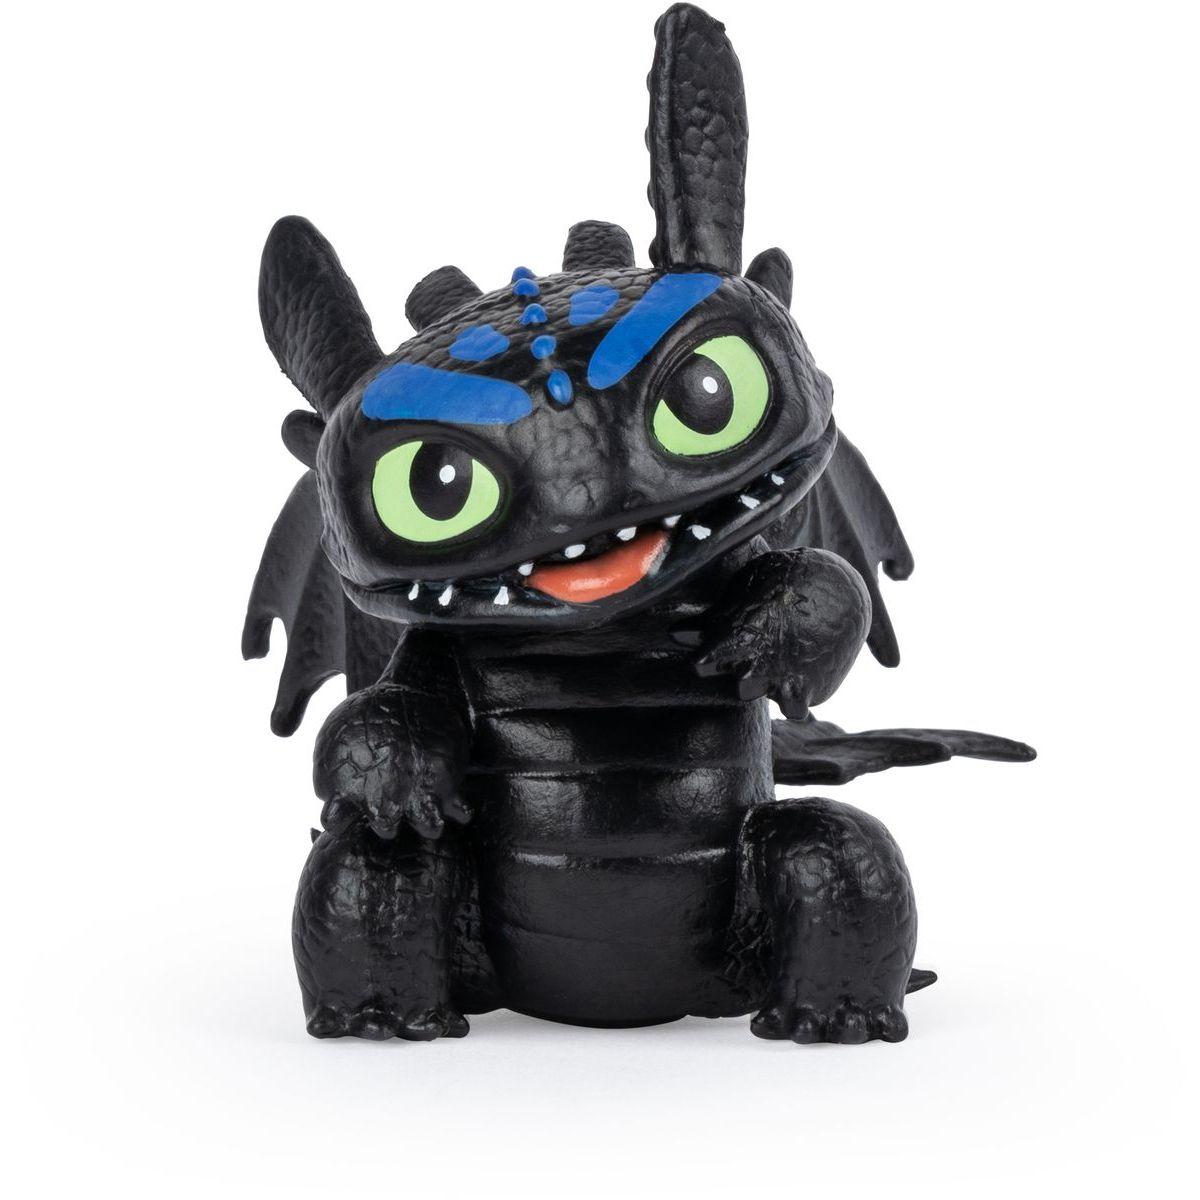 Jak vycvičit draka figurky měnící barvy Toothless